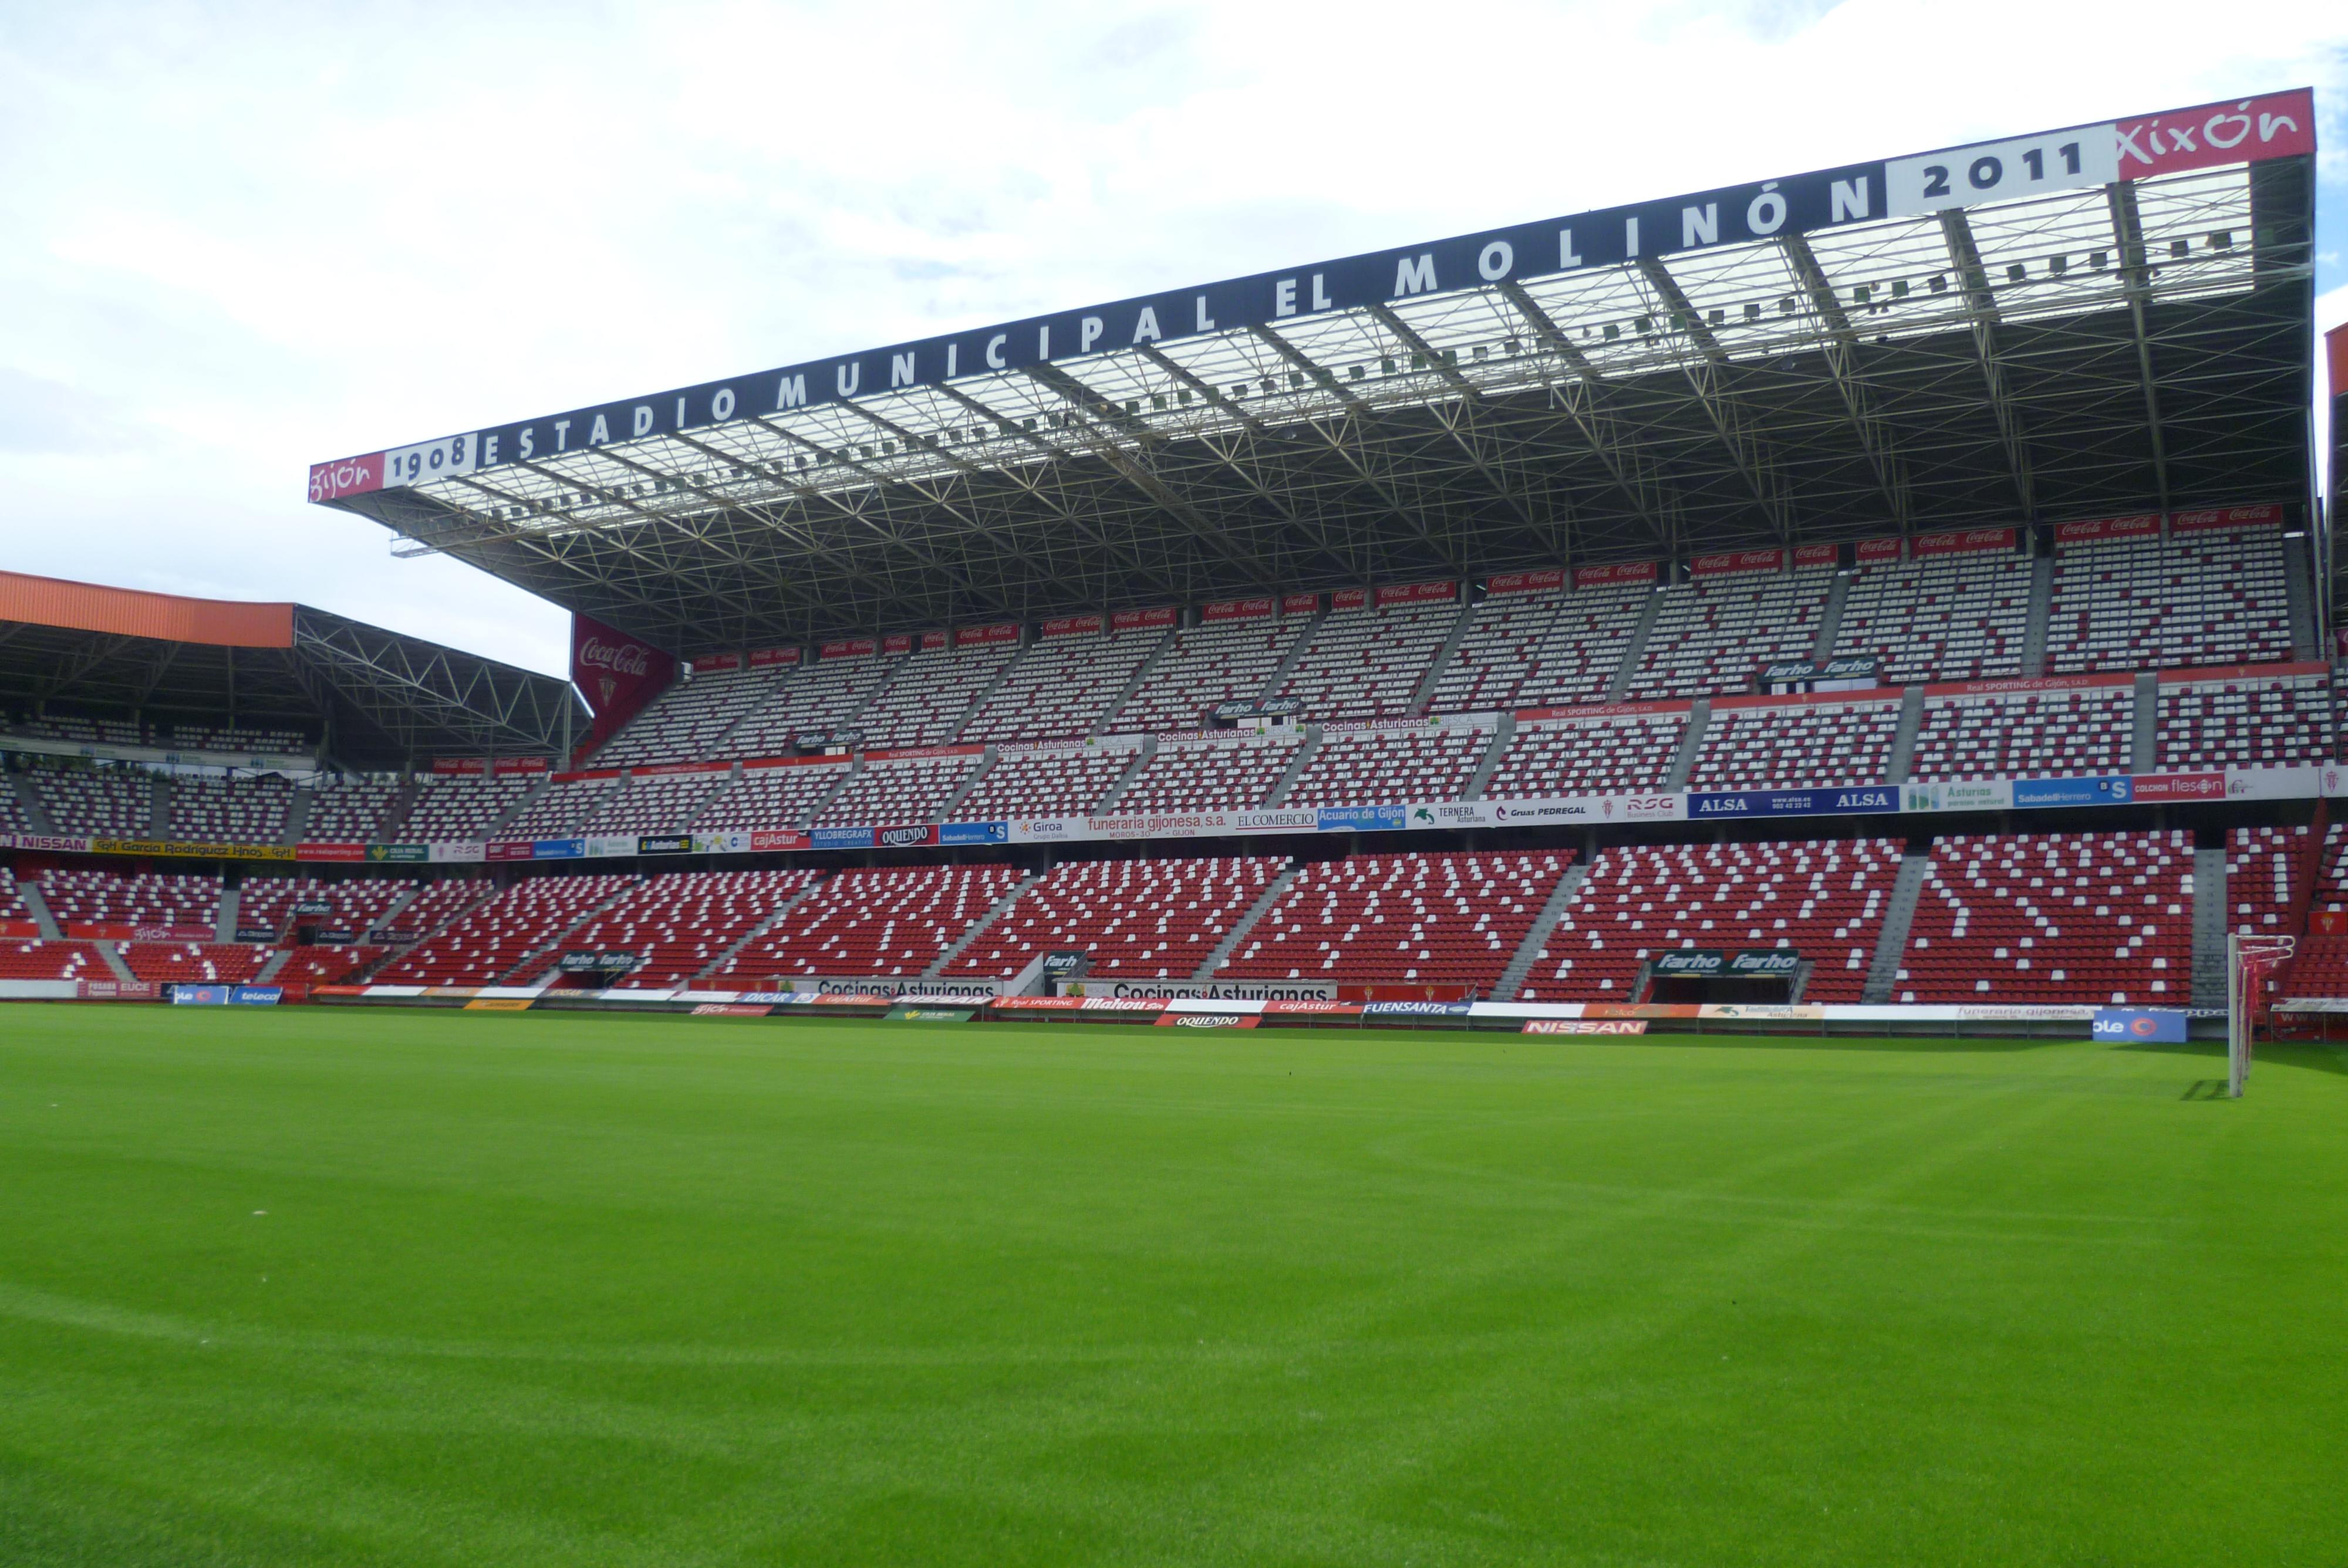 אצטדיון אל מולינון